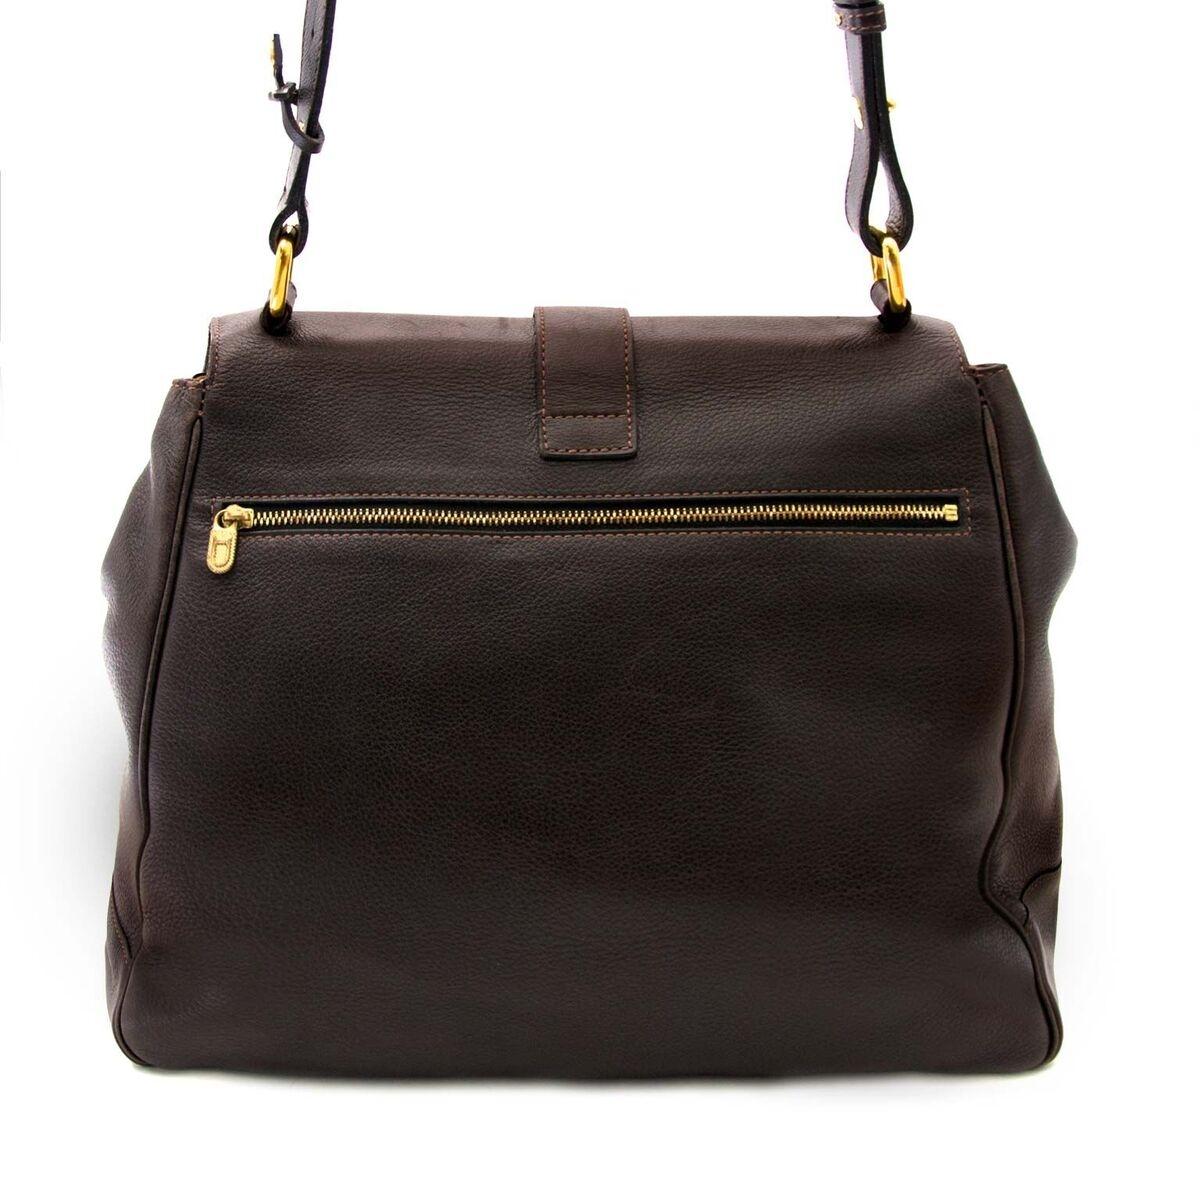 Koop authentieke tweedehands Delvaux tassen aan een eerlijke prijs bij LabelLOV. Veilig online shoppen.